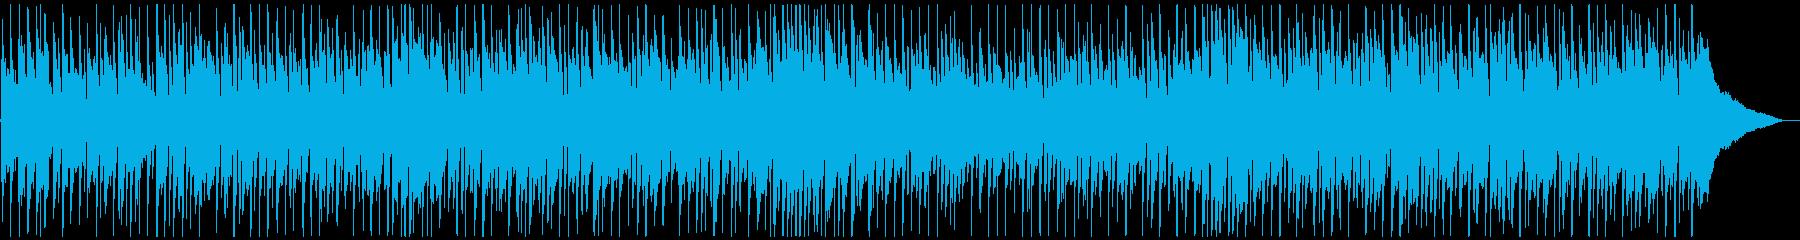 ご機嫌なニューオリンズブギの再生済みの波形